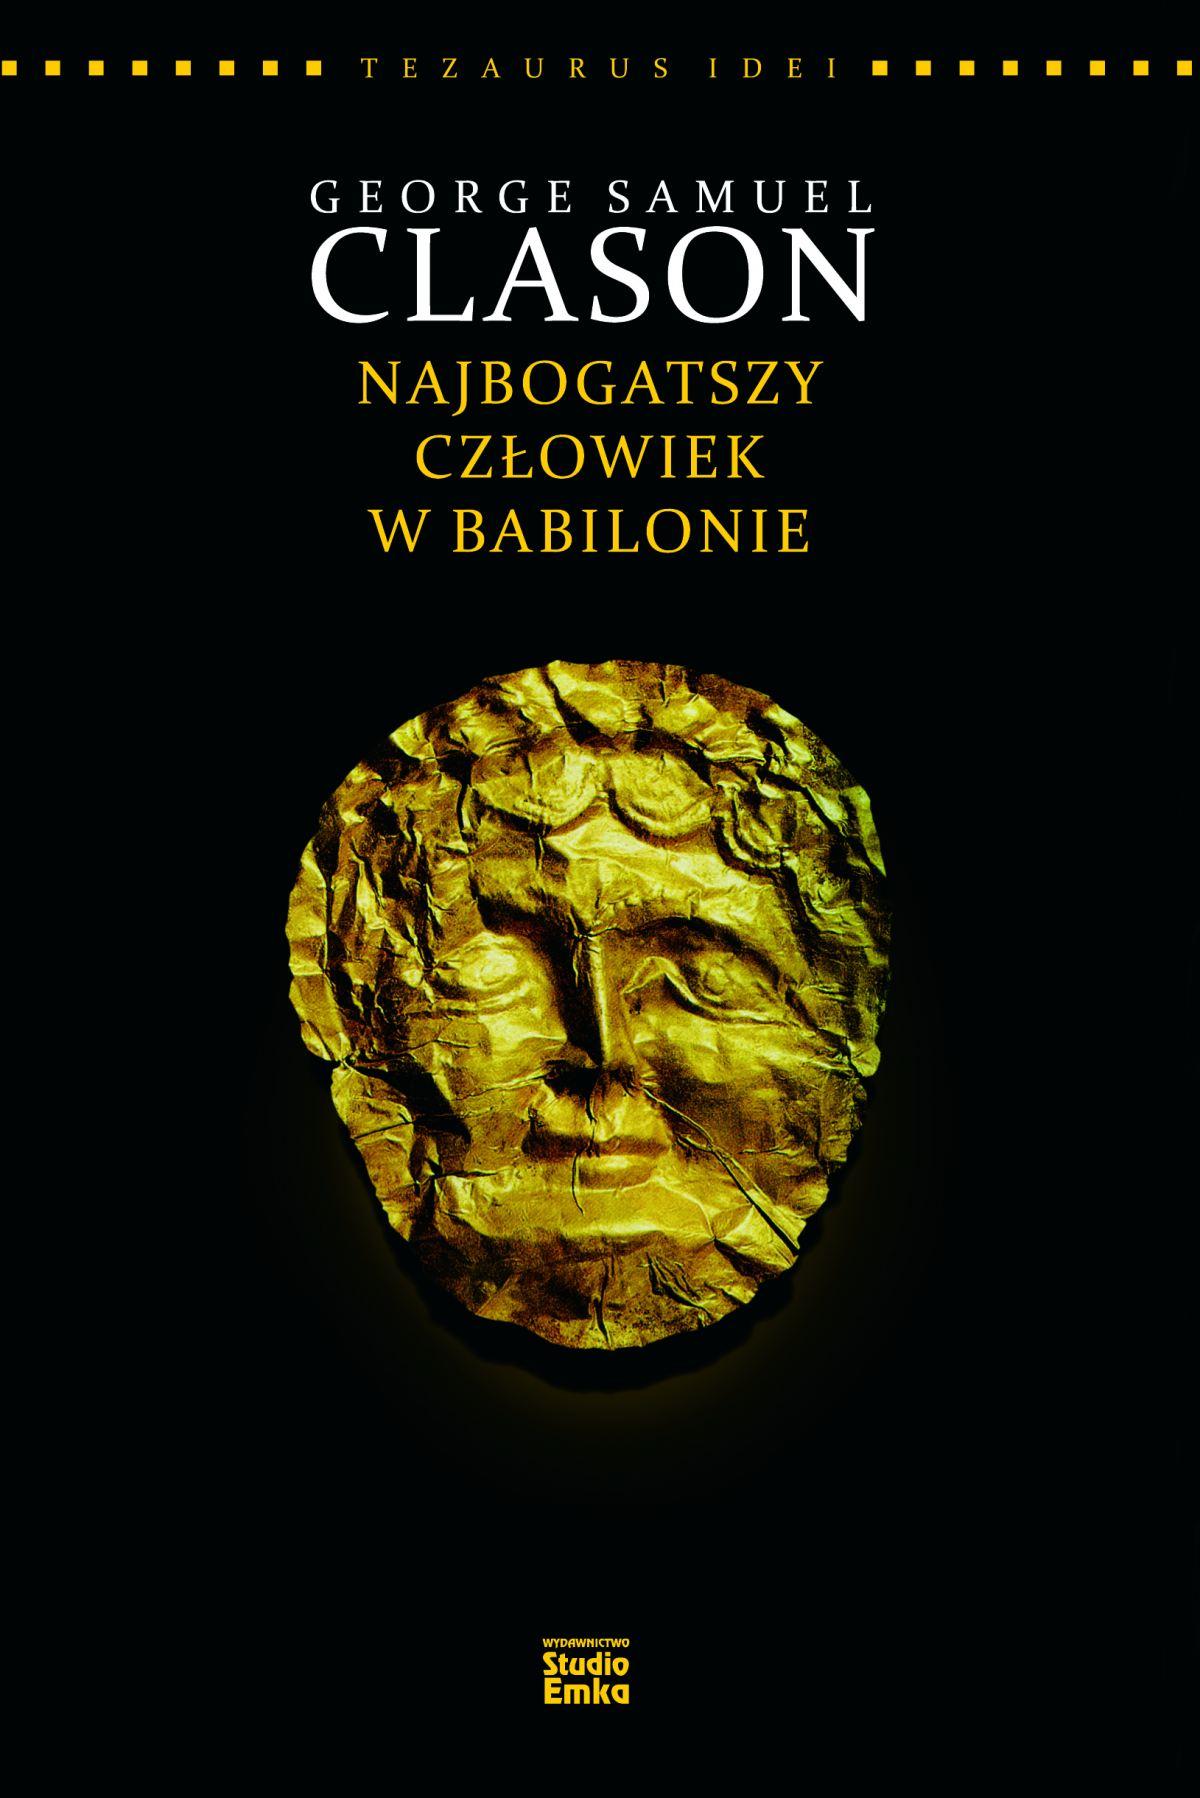 Seria Tezaurus Idei. George S. Clason. Najbogatszy człowiek w Babilonie - Ebook (Książka EPUB) do pobrania w formacie EPUB